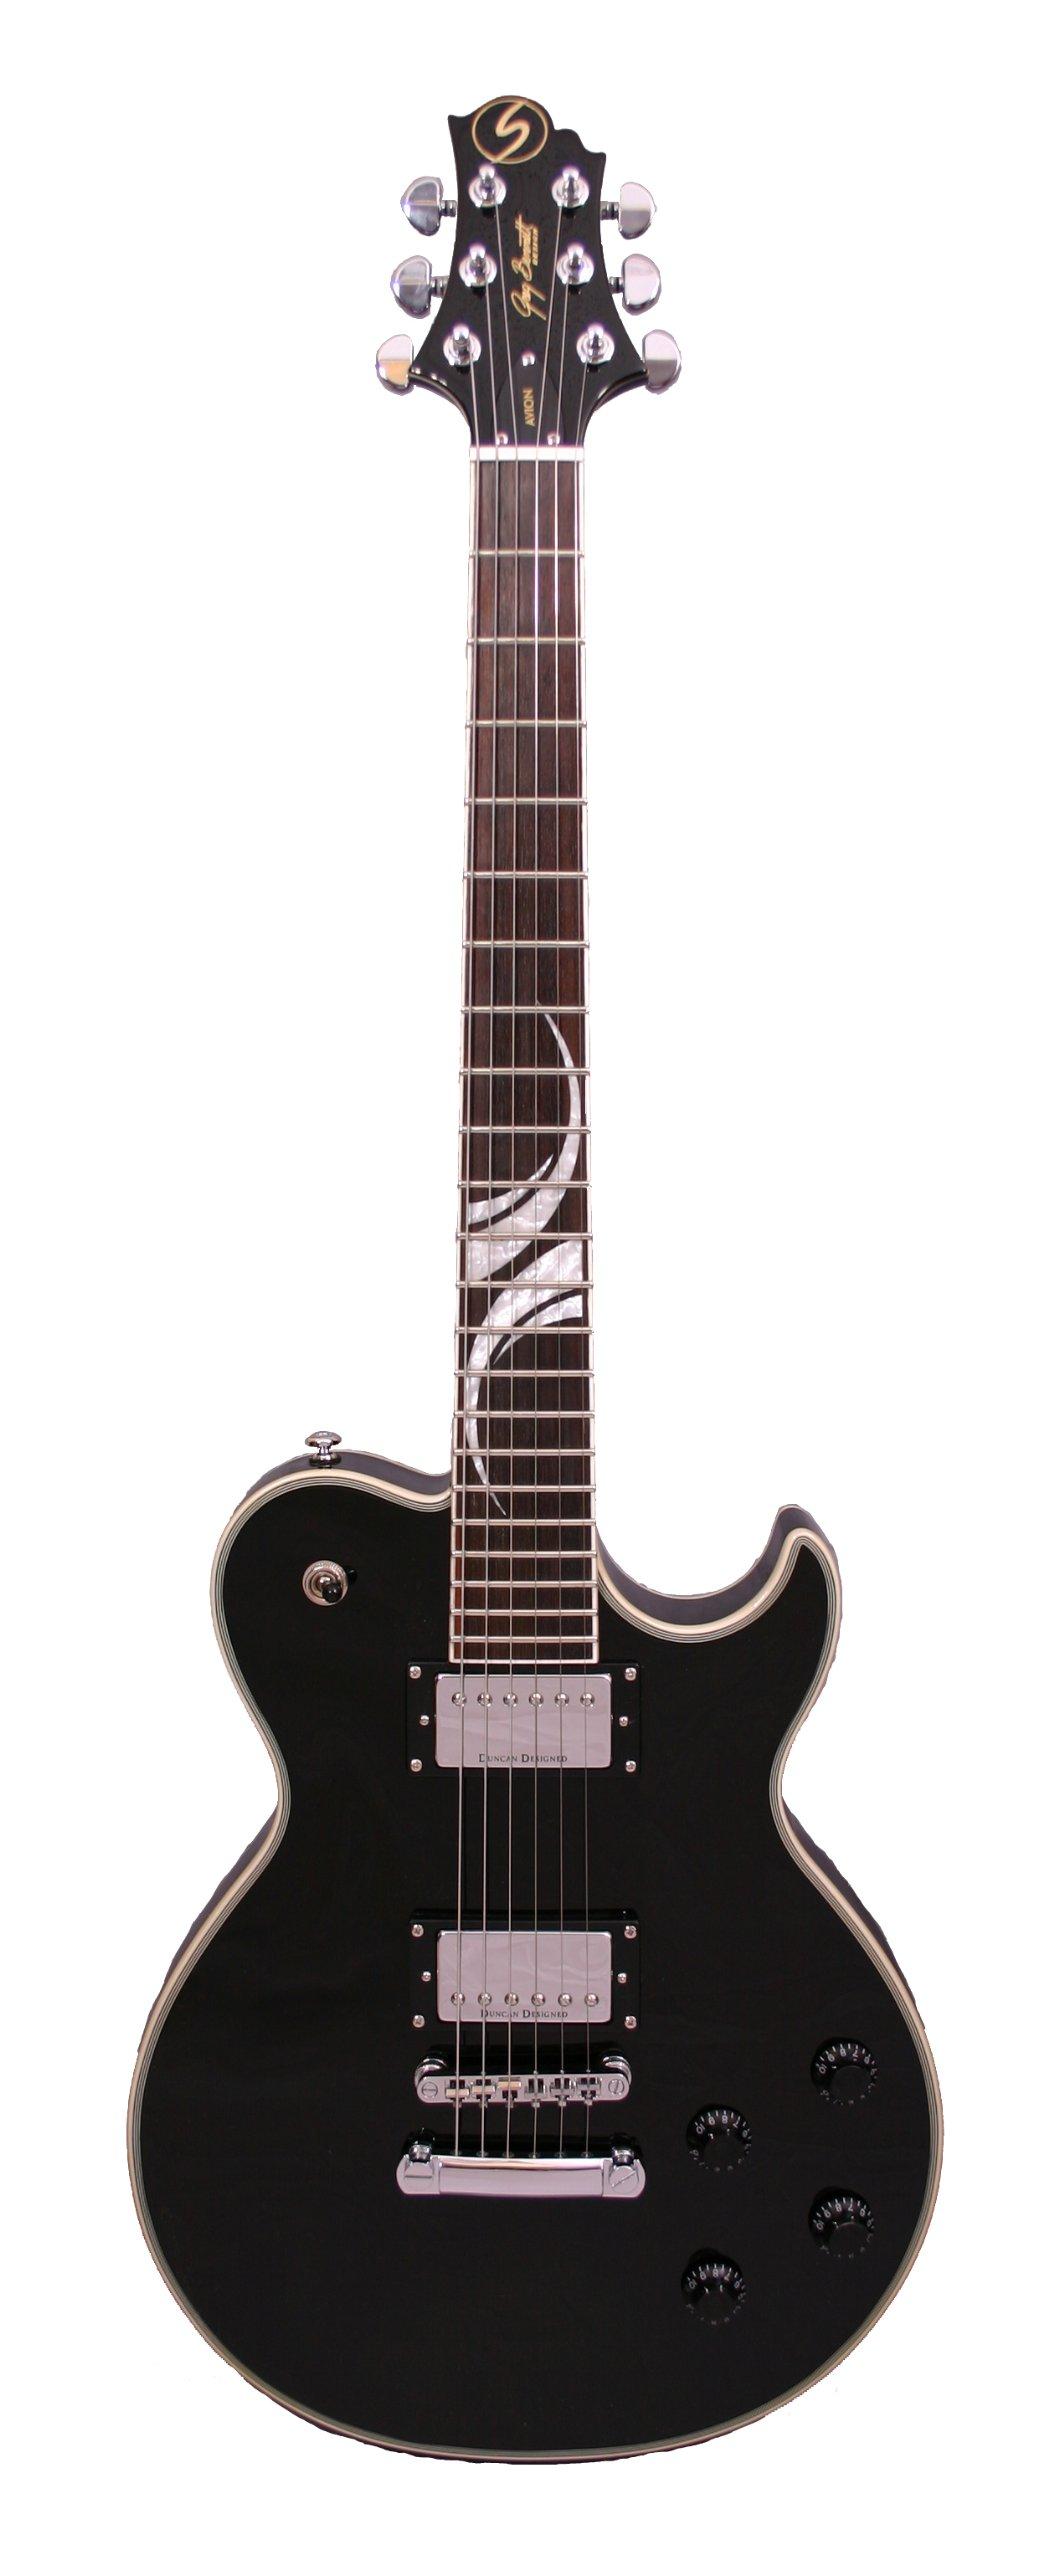 Cheap Samick Greg Bennett Design AV70 Electric Guitar Black Black Friday & Cyber Monday 2019